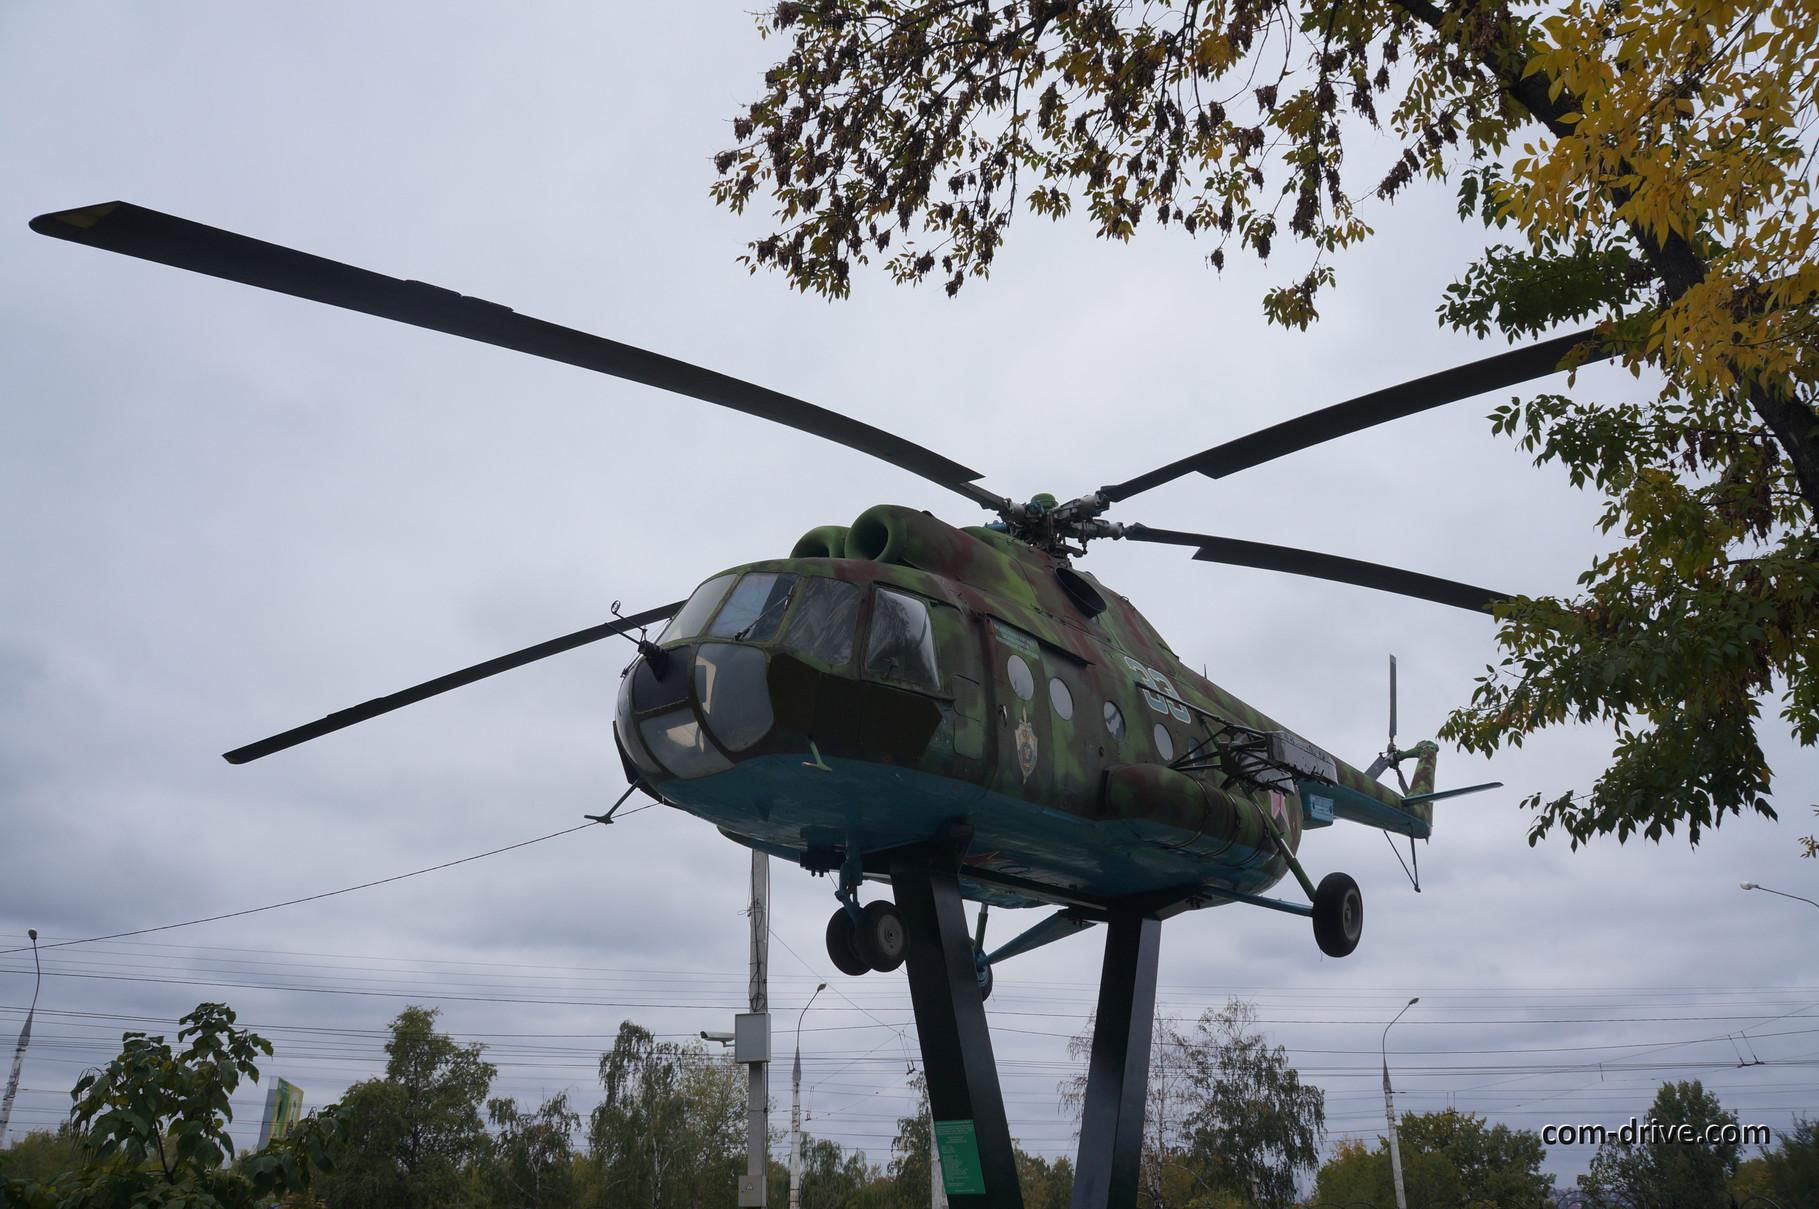 МИ-8 - единственная машина в экспозиции, призванная летать